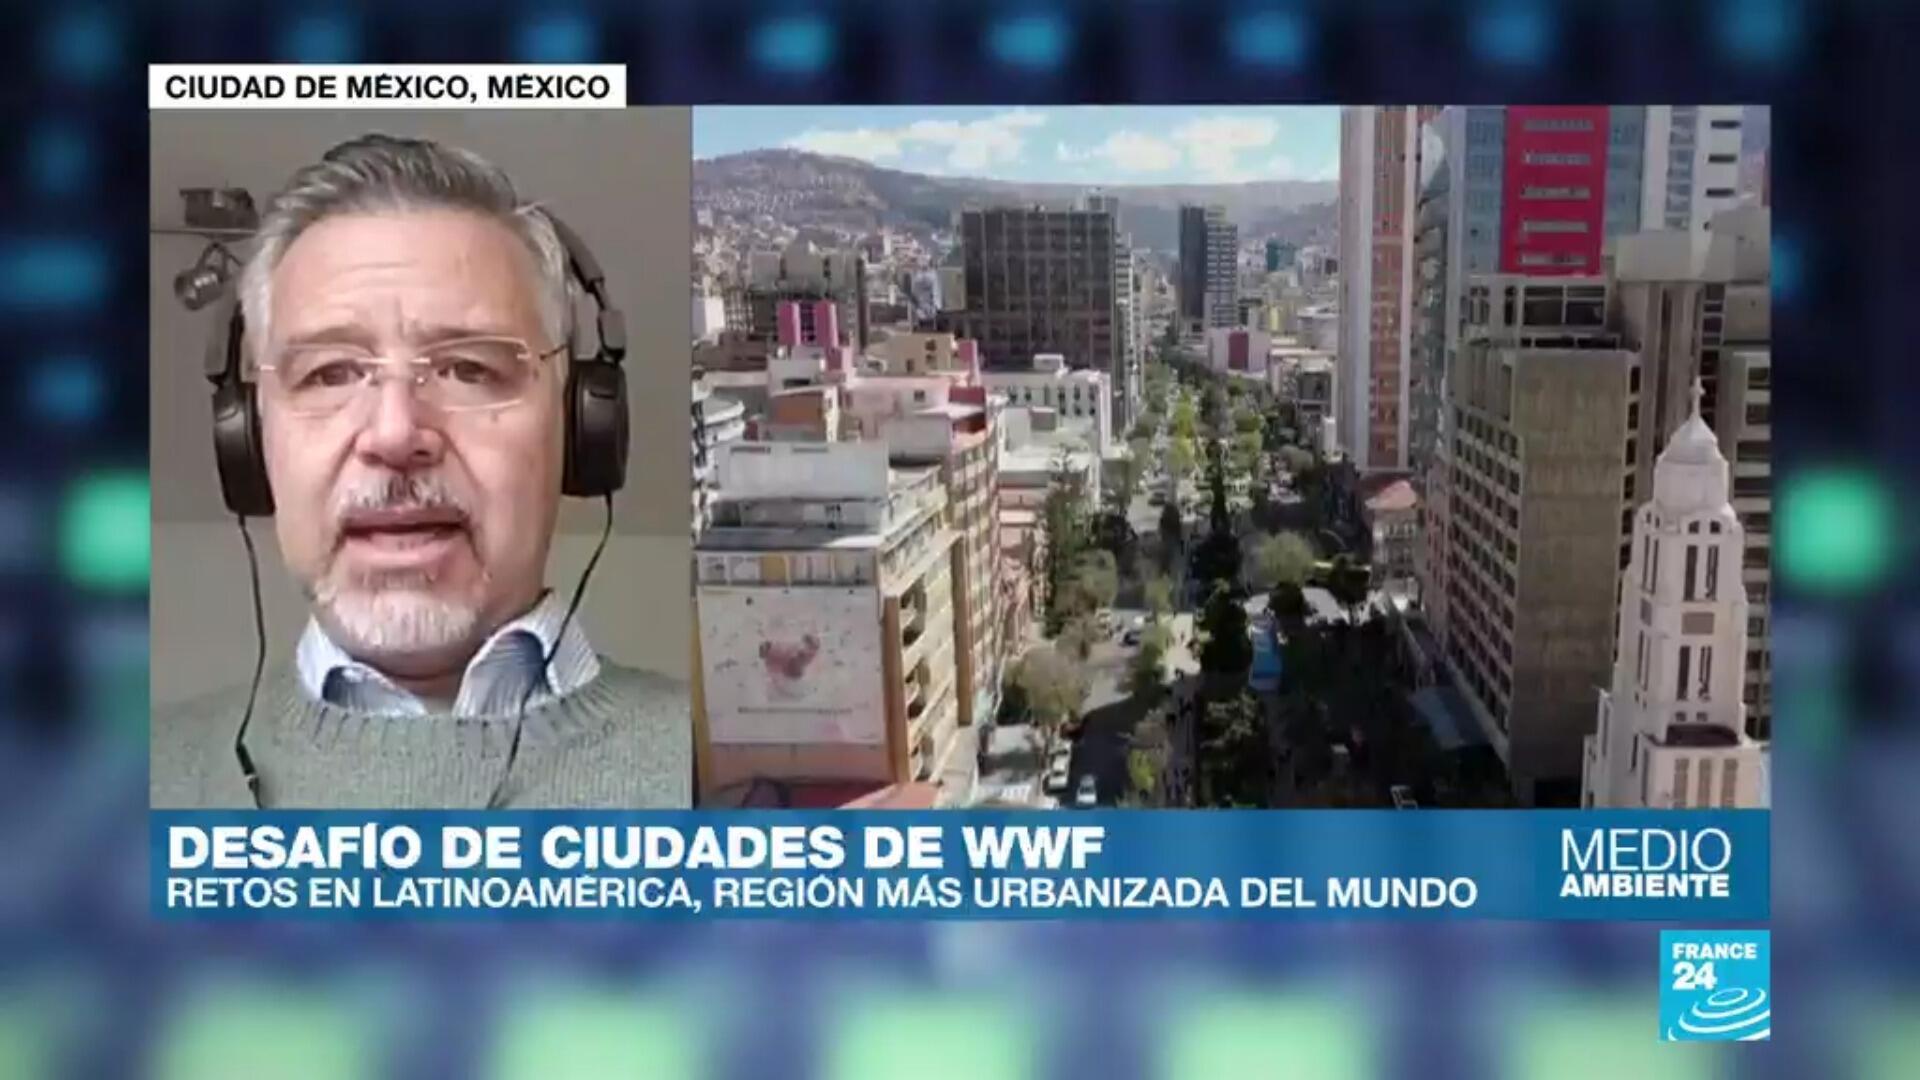 WWF Desafio de ciudades 2020